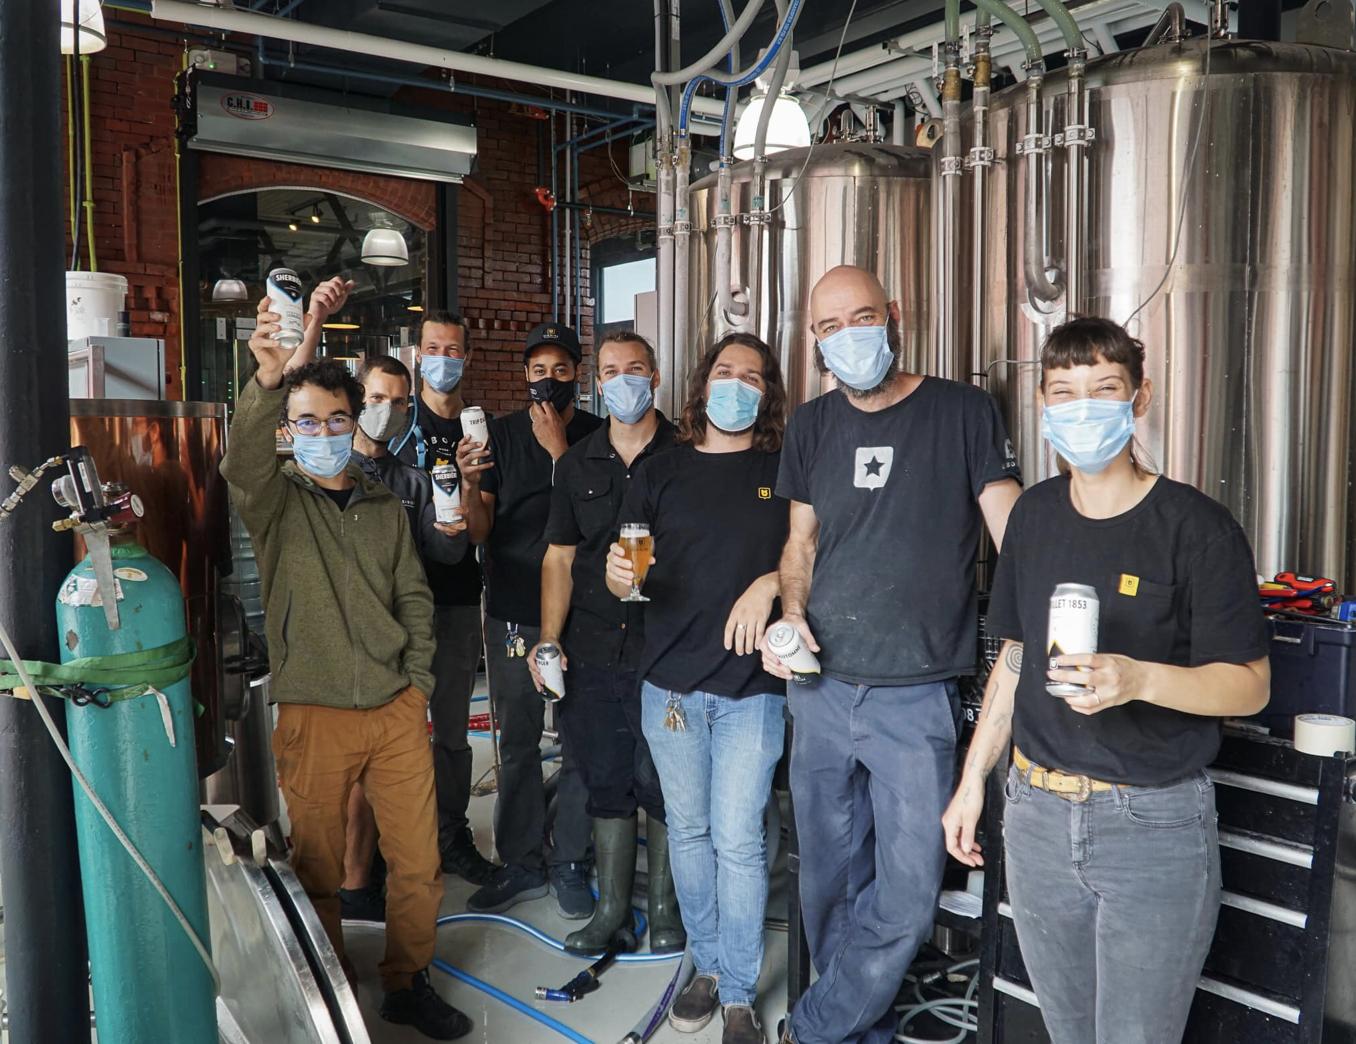 La Presta couronnée meilleure NEIPA aux Canadian Brewing Awards 2020